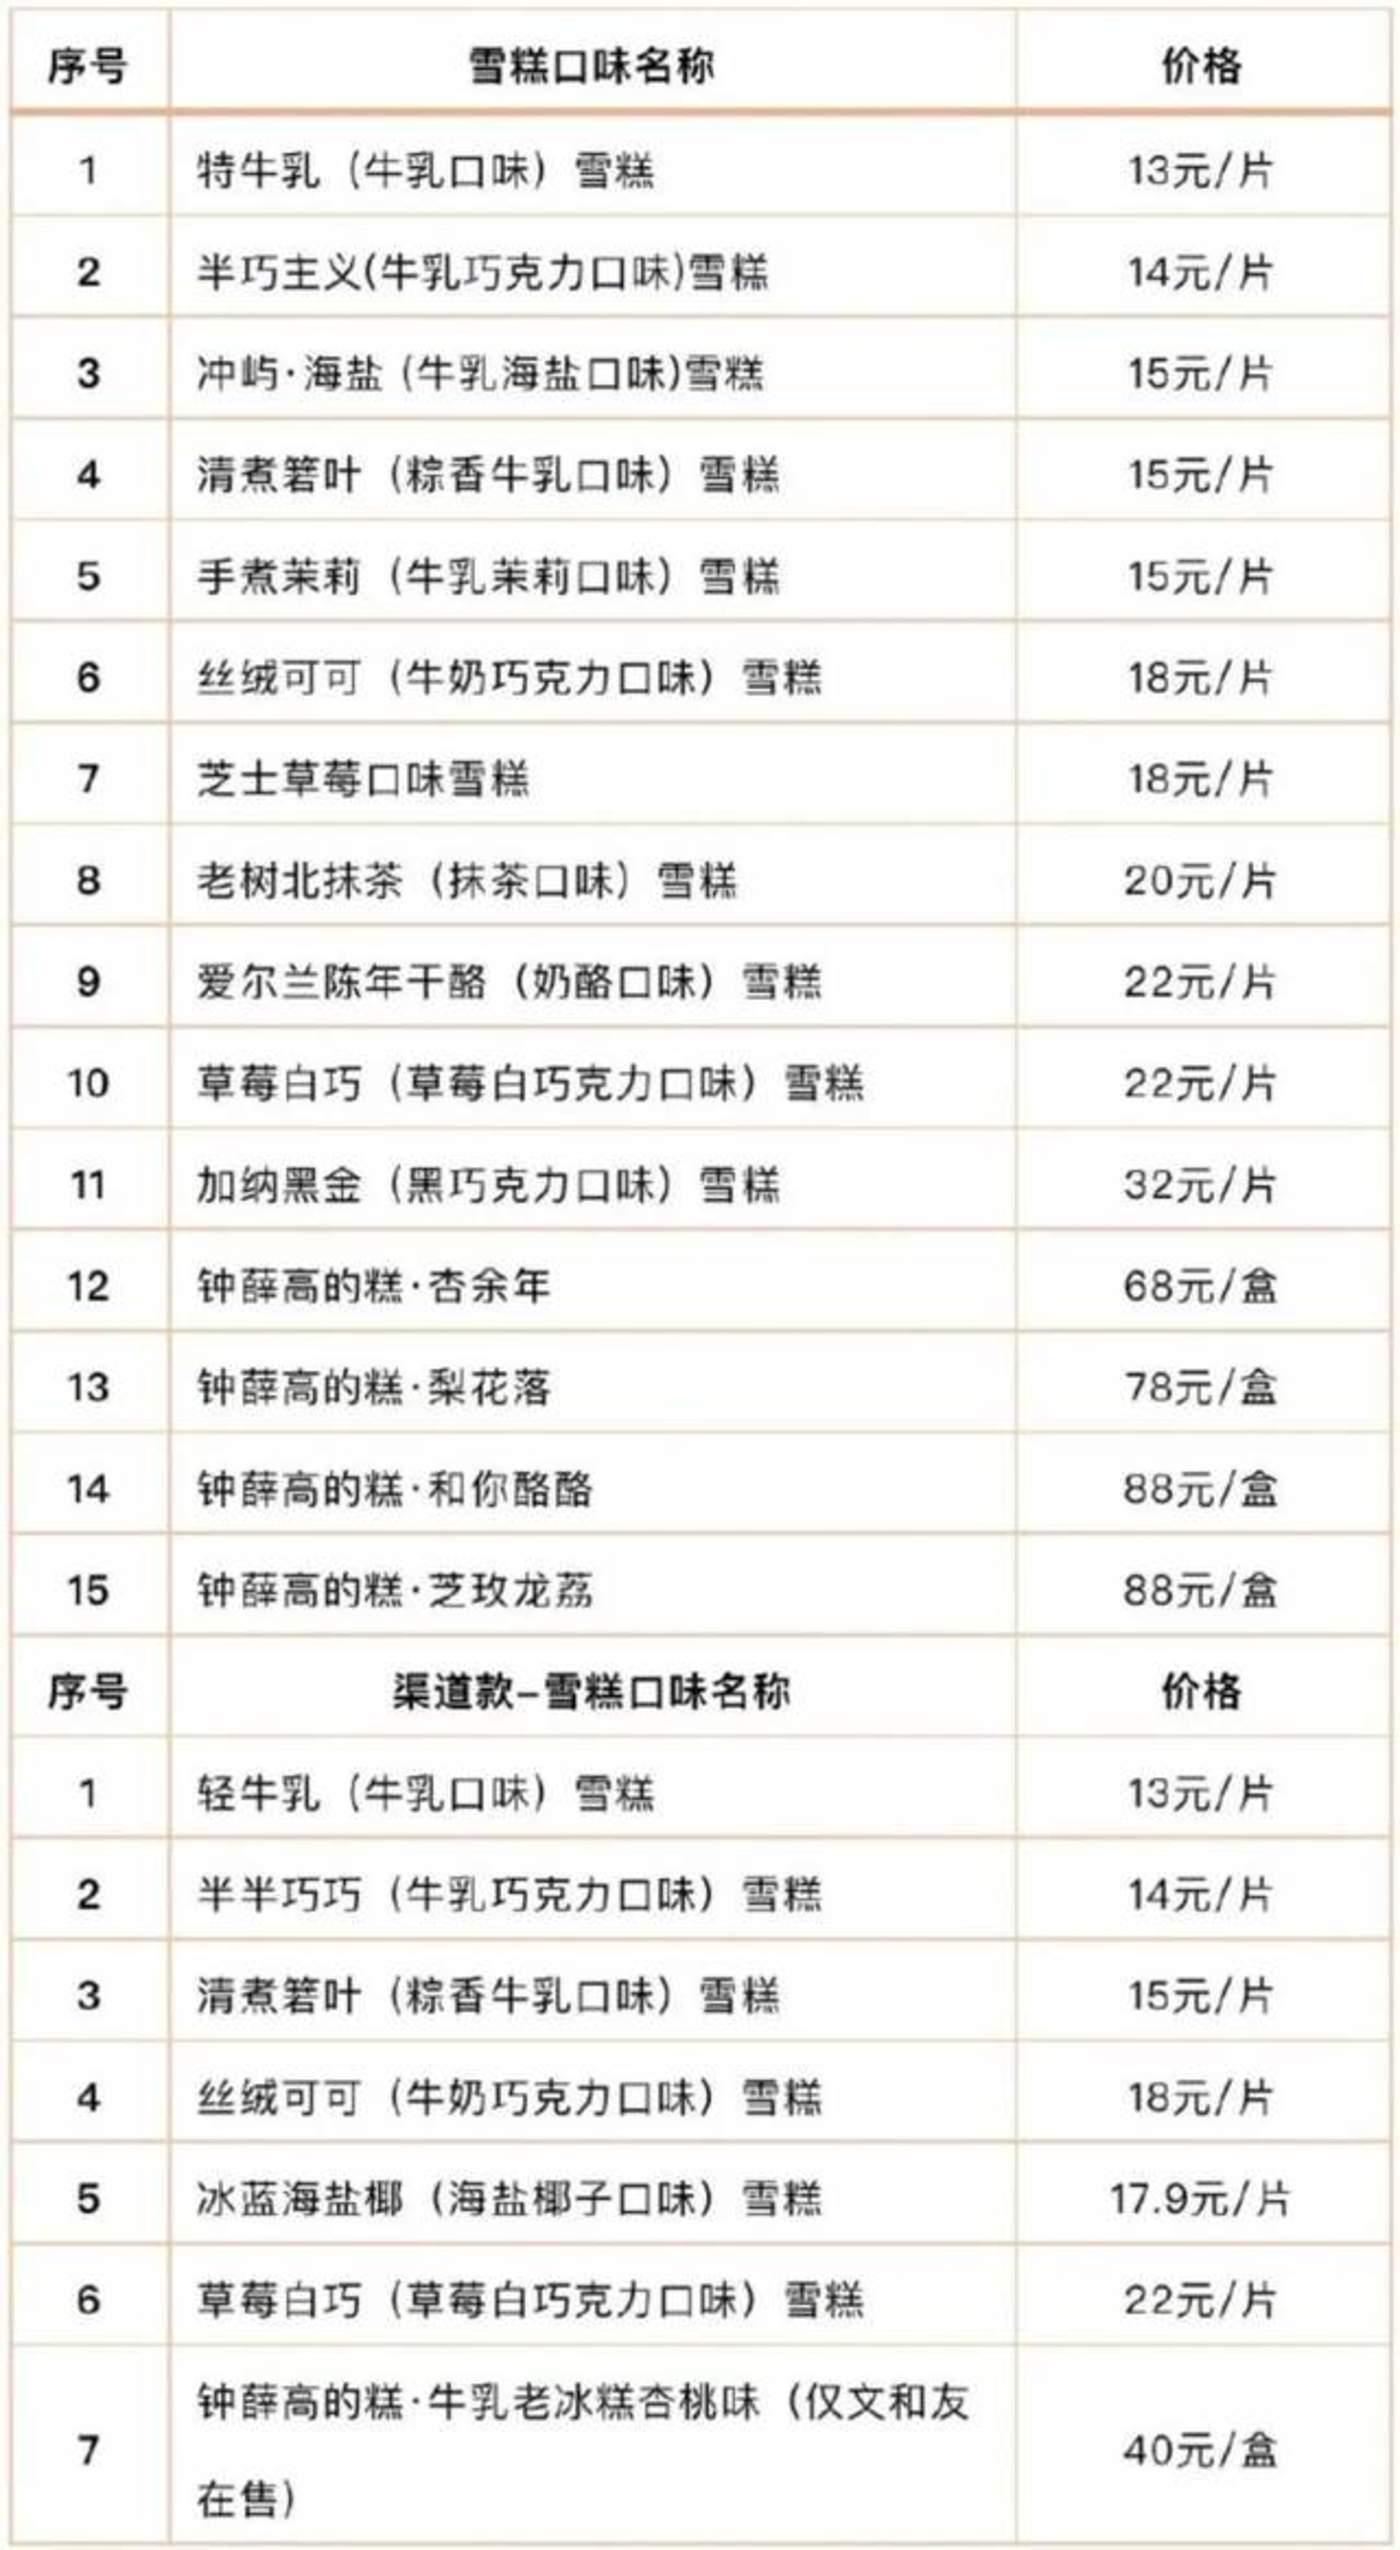 钟薛高产品价格 来源 / 钟薛高官方微博